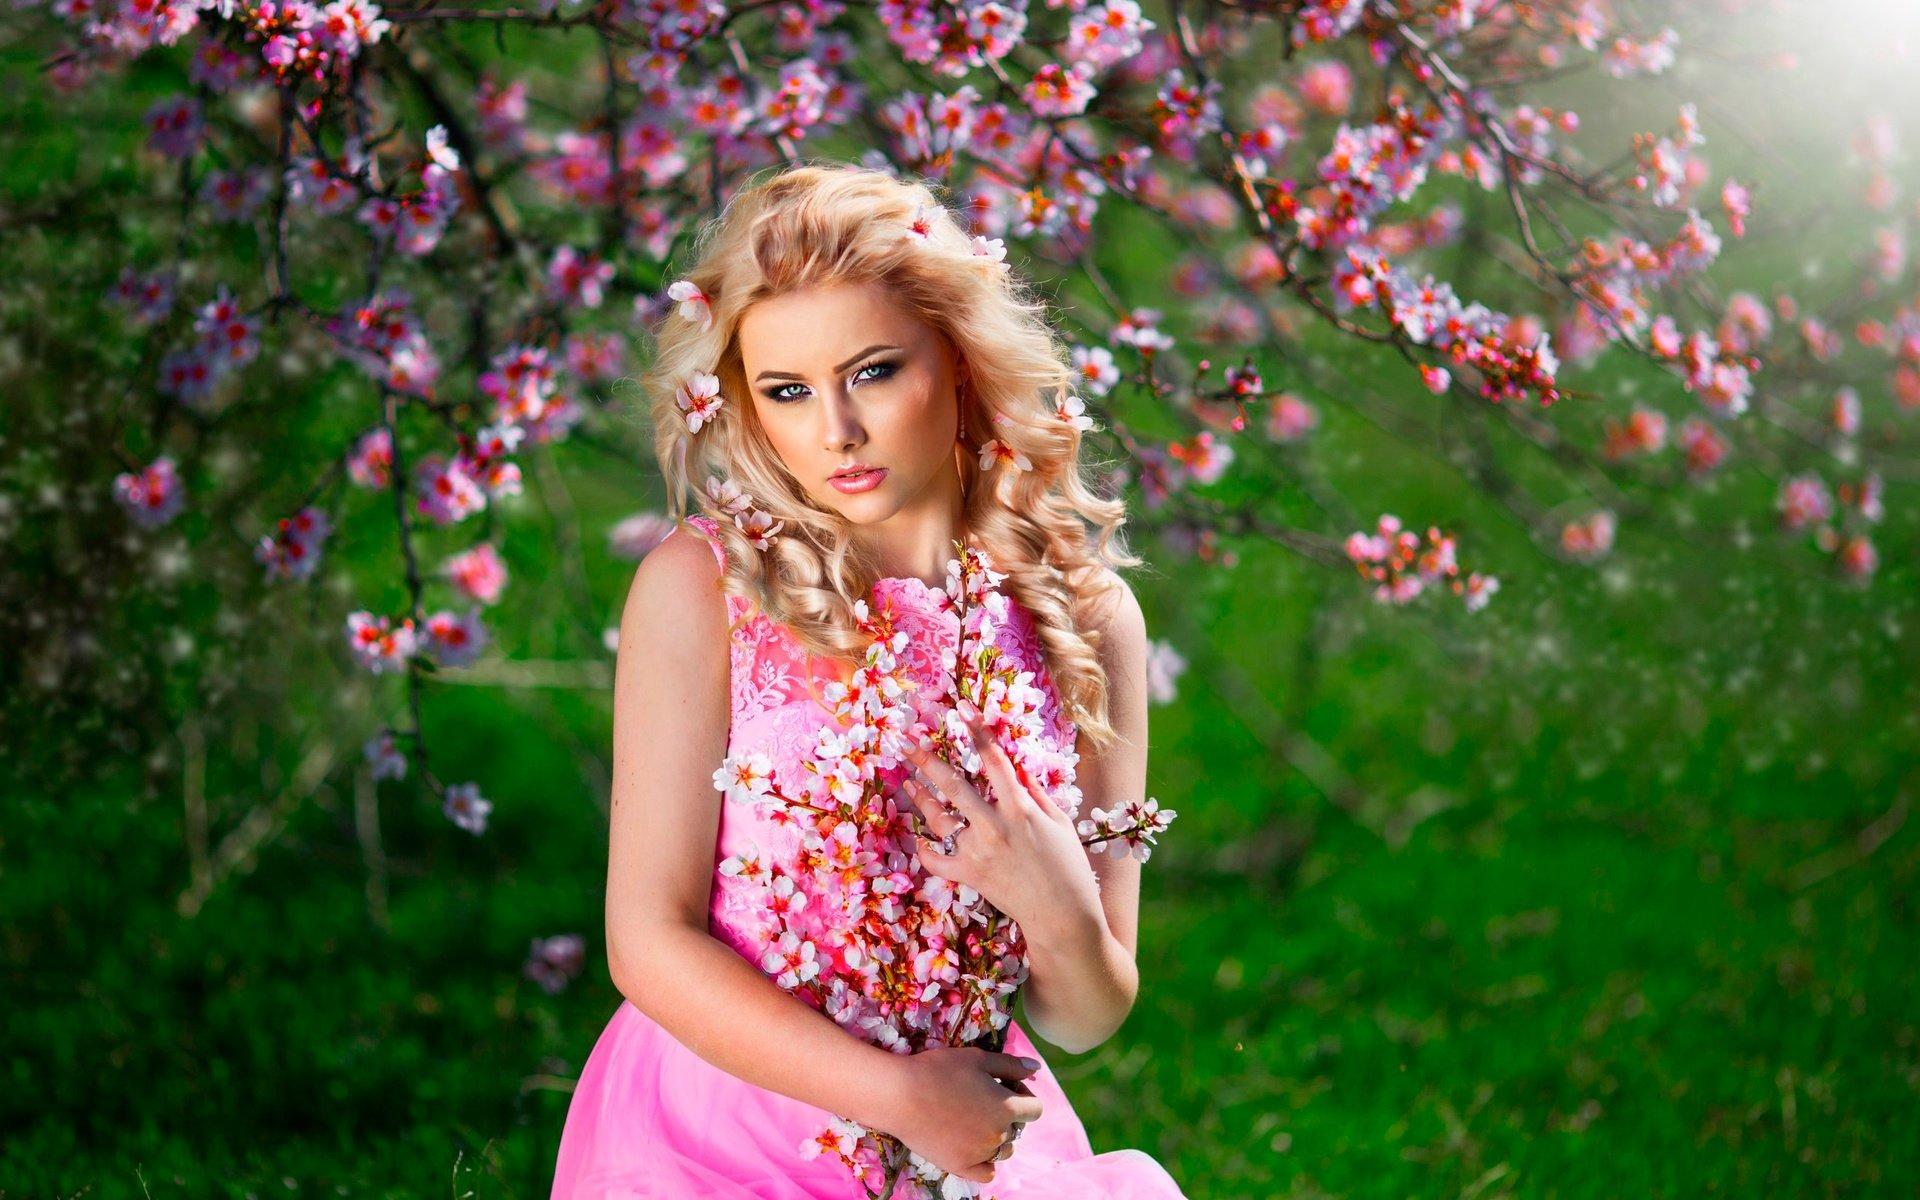 Девушки фото красивые в розовом